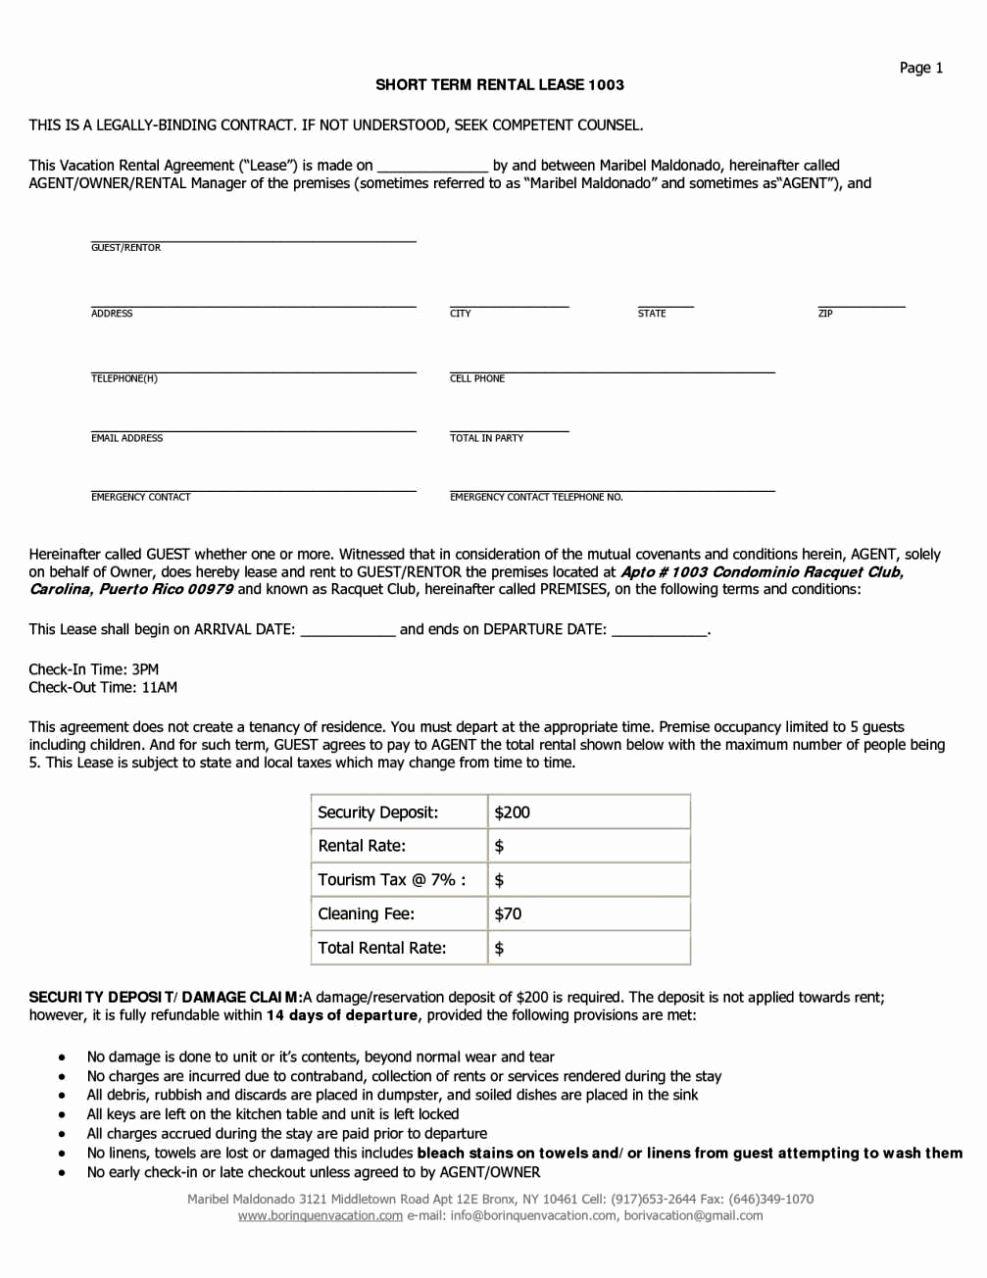 short term rental agreement template